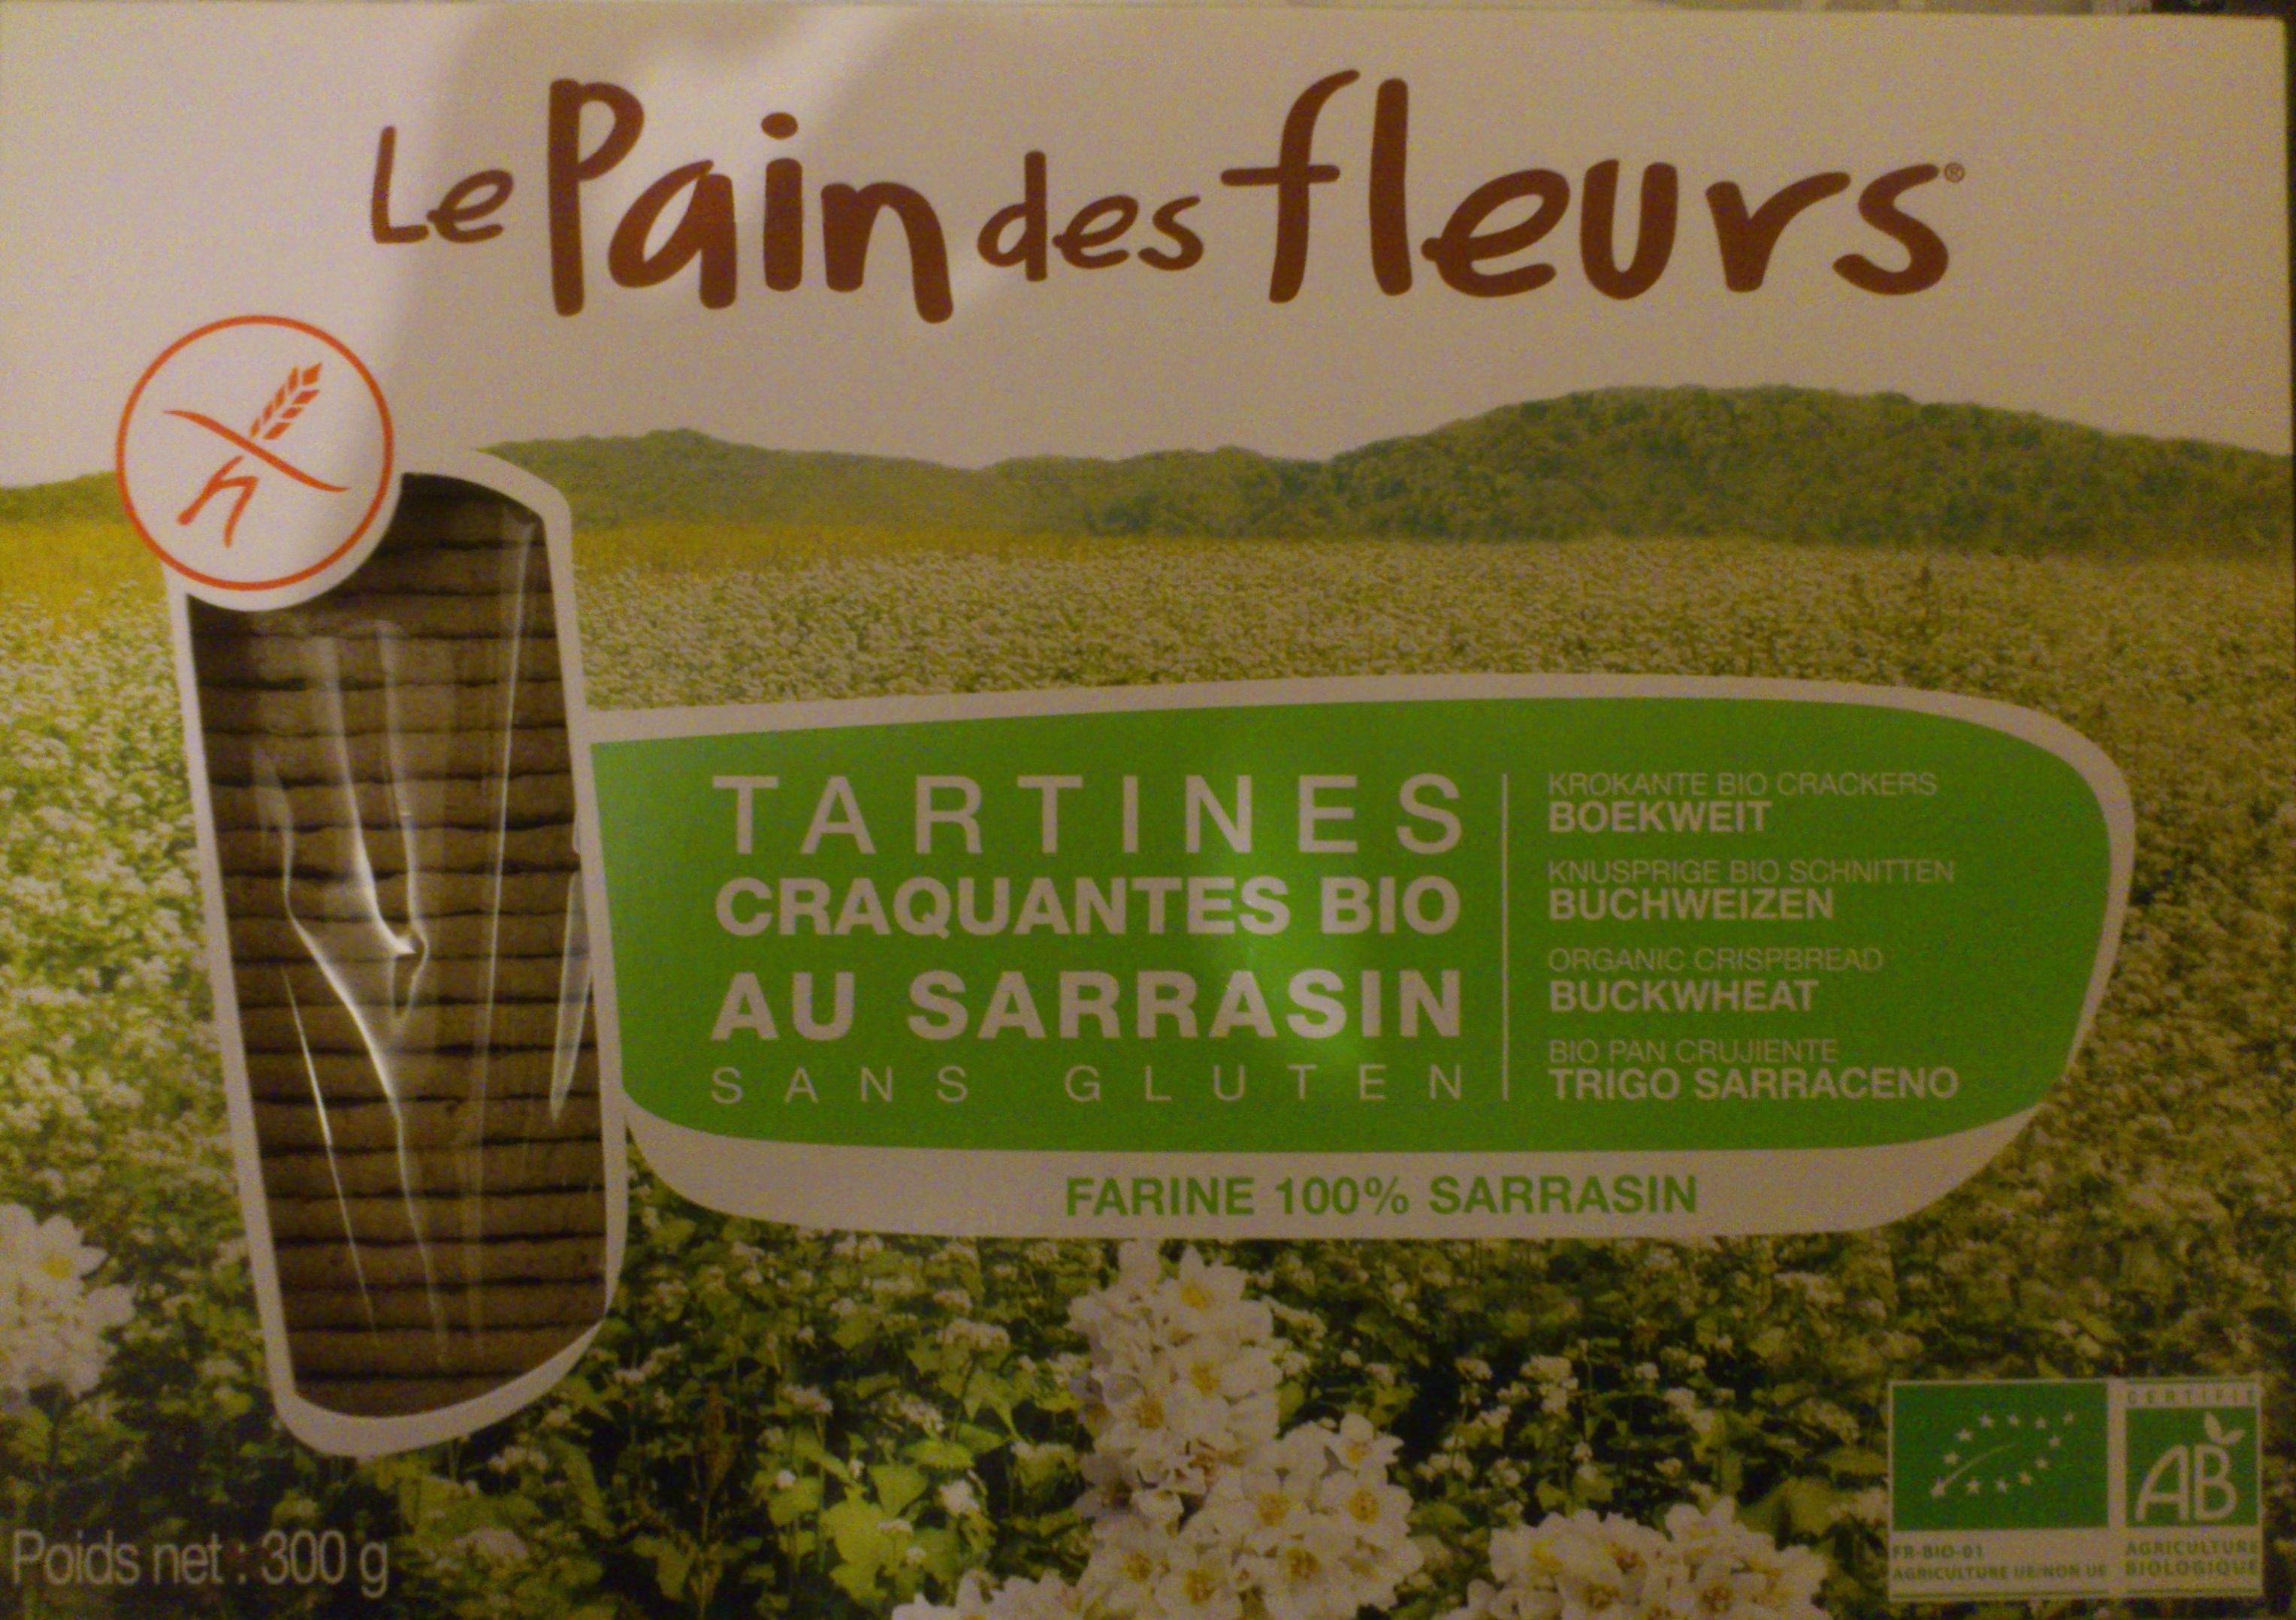 Tartines craquantes bio au sarrasin sans gluten - Product